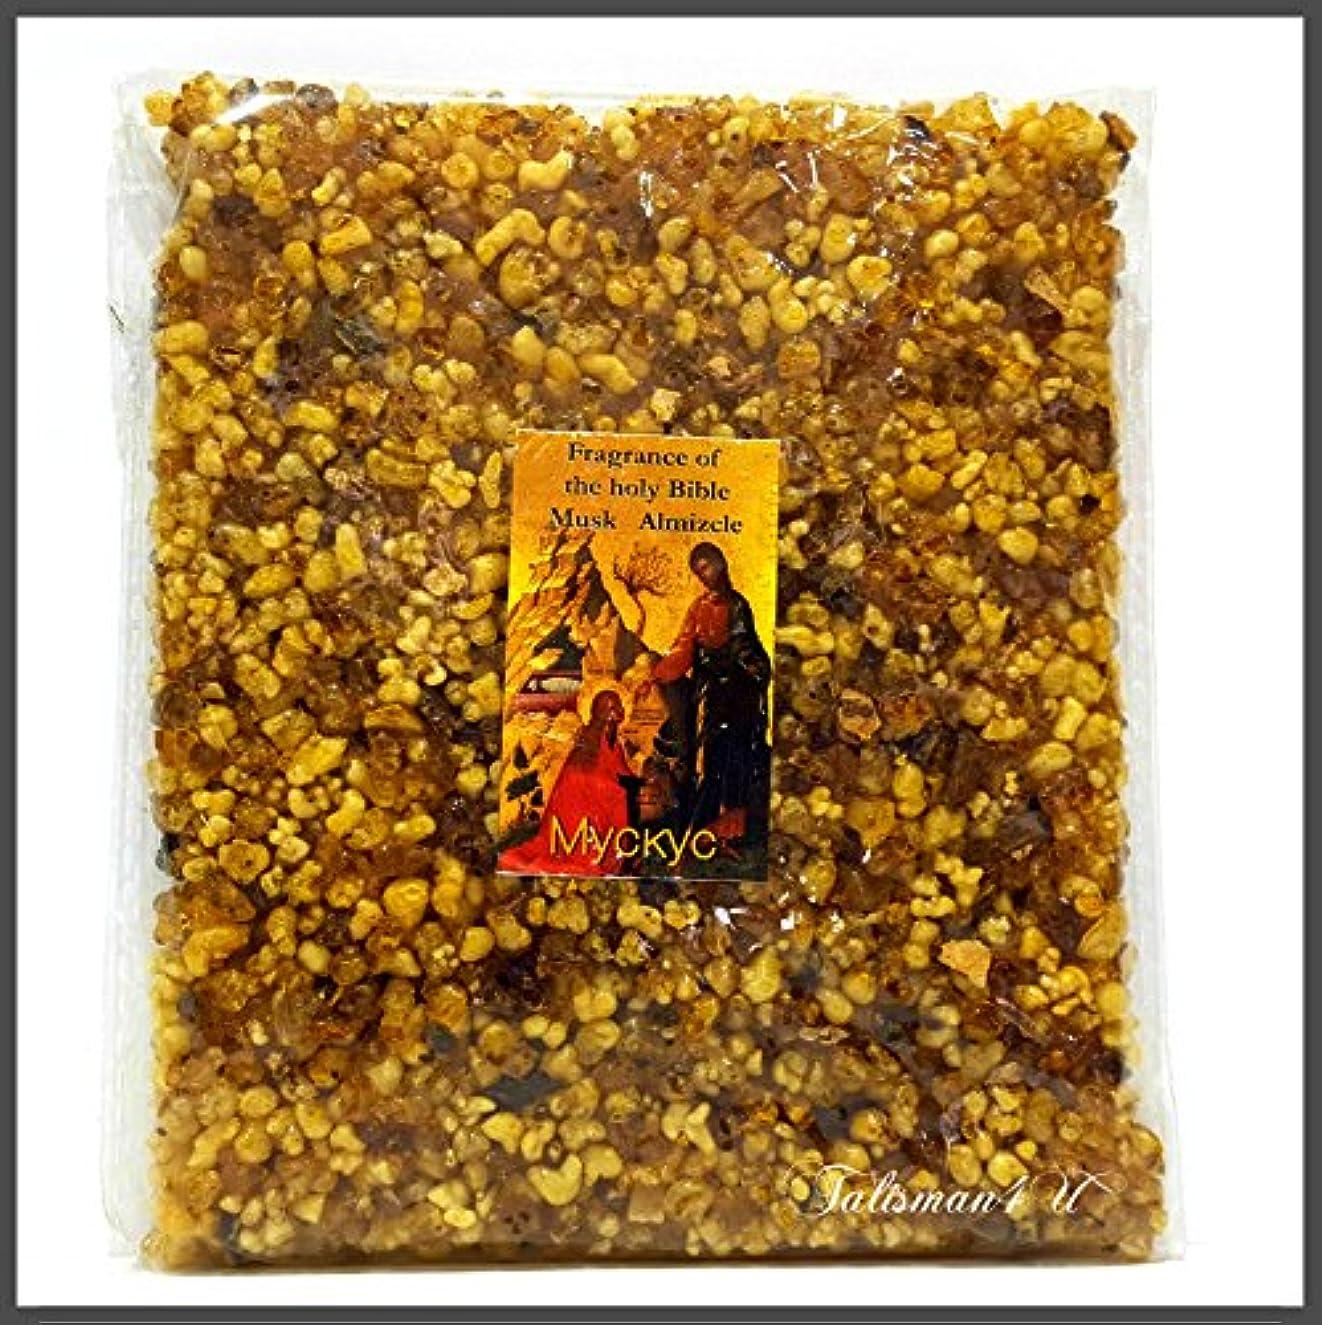 見つけた写真撮影サバントムスクエルサレムIncense樹脂Aromatic Almizcle Frankincense of the Holy Land 3.5 Oz / 100 g